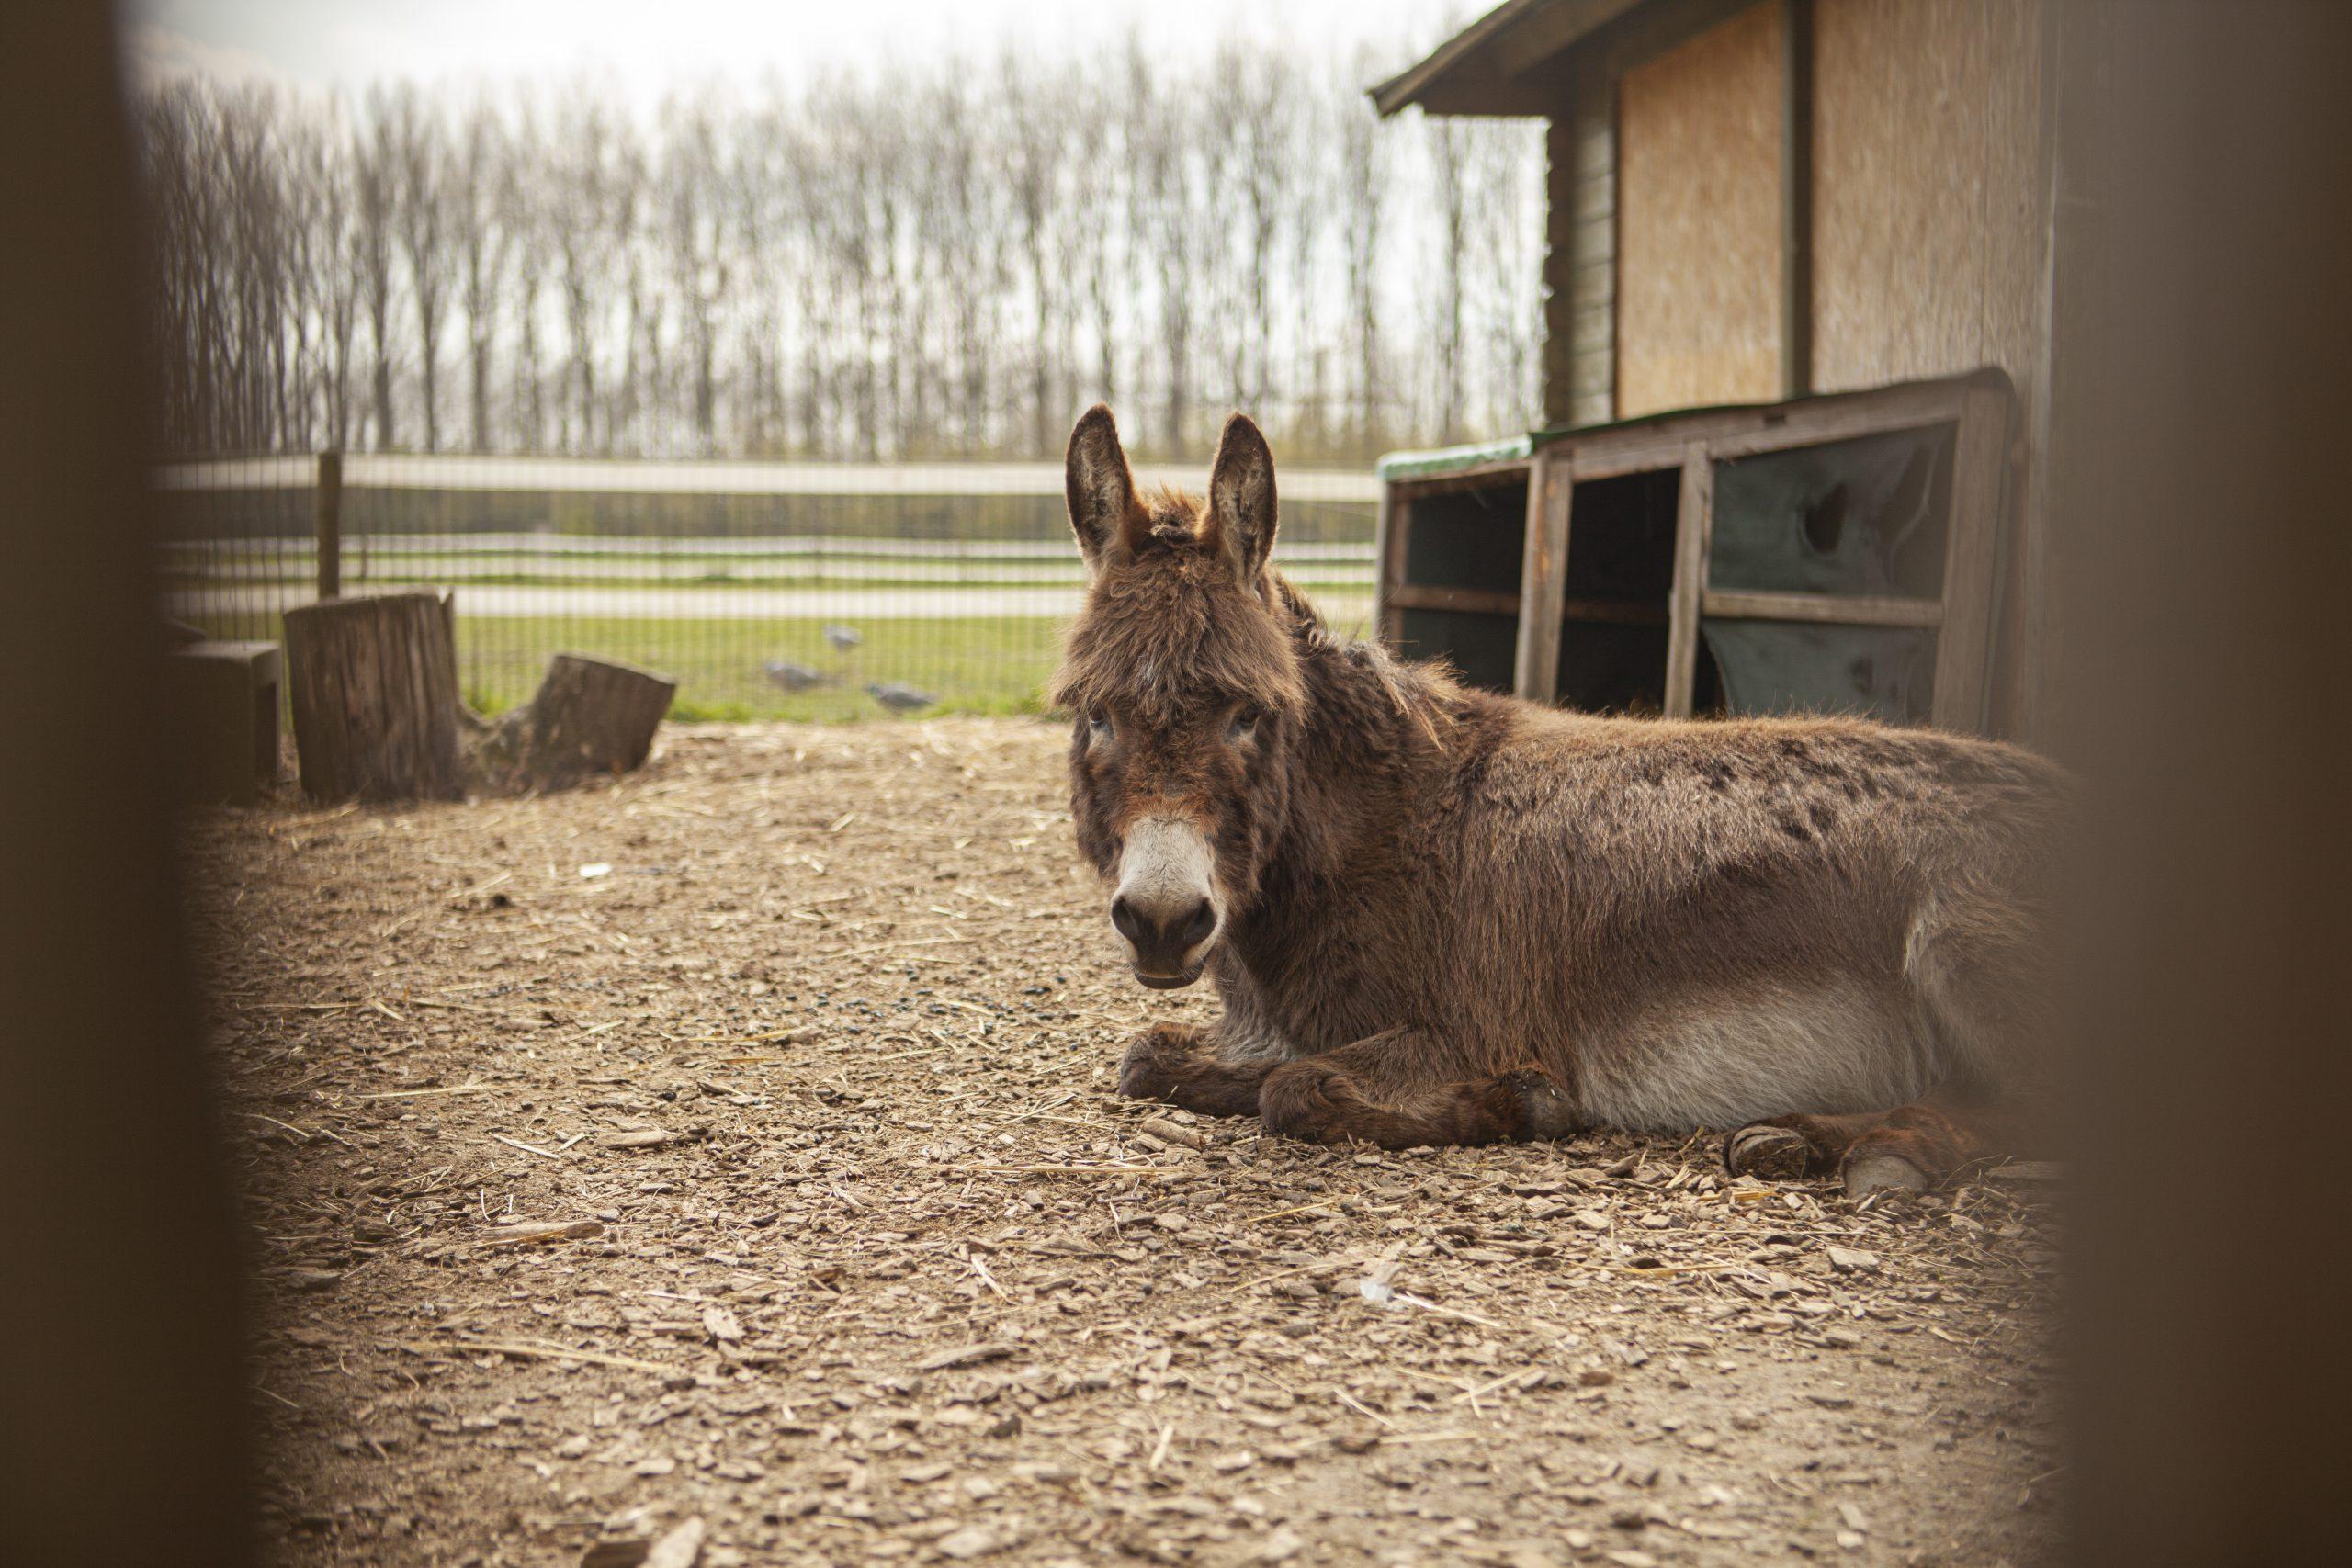 Hof-van-Axel-Zorg-Met-Aandacht-Dieren-Groen-Buiten-zorgboerderij-diervriendelijk-rust-natuurlijk-ruimte